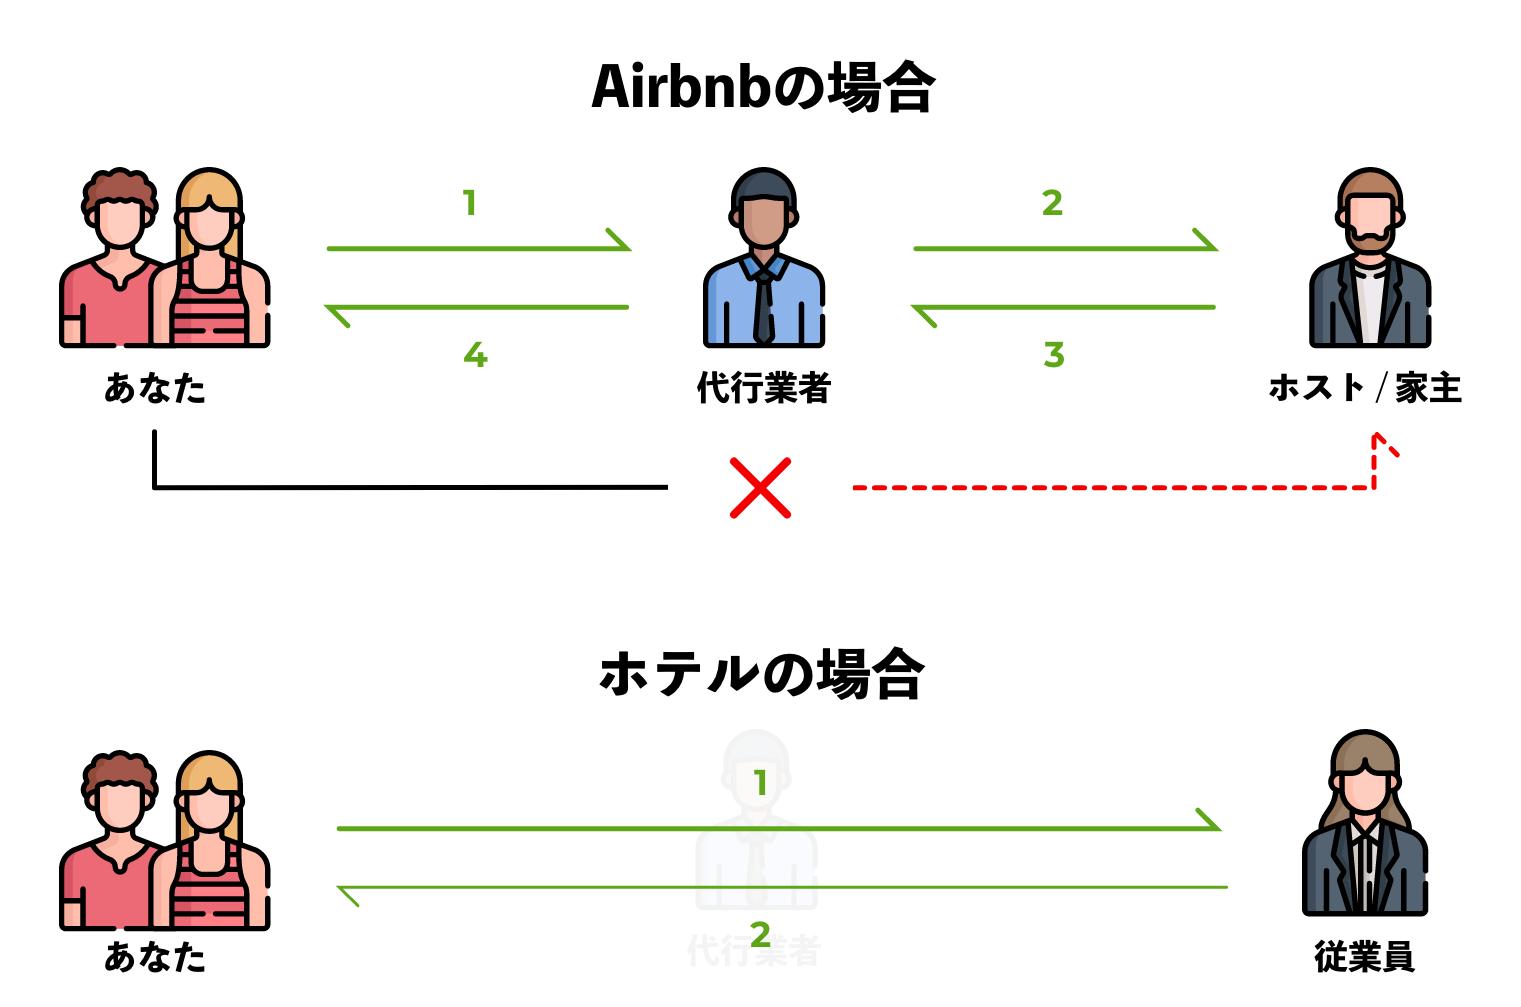 Airbnbとホテルの連絡経路の違い。ホテルだと受付に言えば終了ですが、Airbnbの場合はそうはいきません。